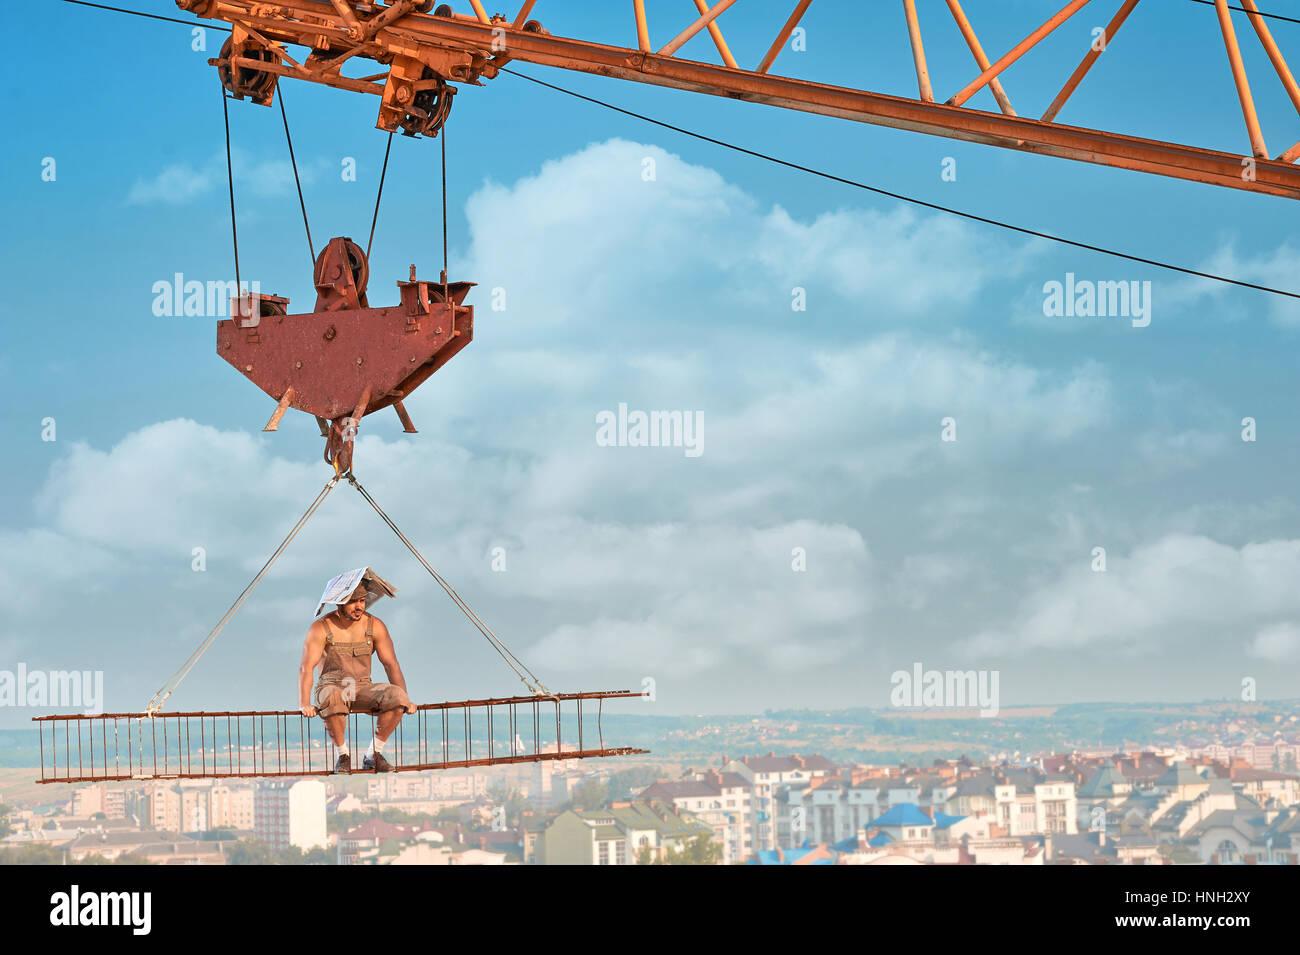 Generador muscular descansar y sentarse en construcción elevada. Imagen De Stock